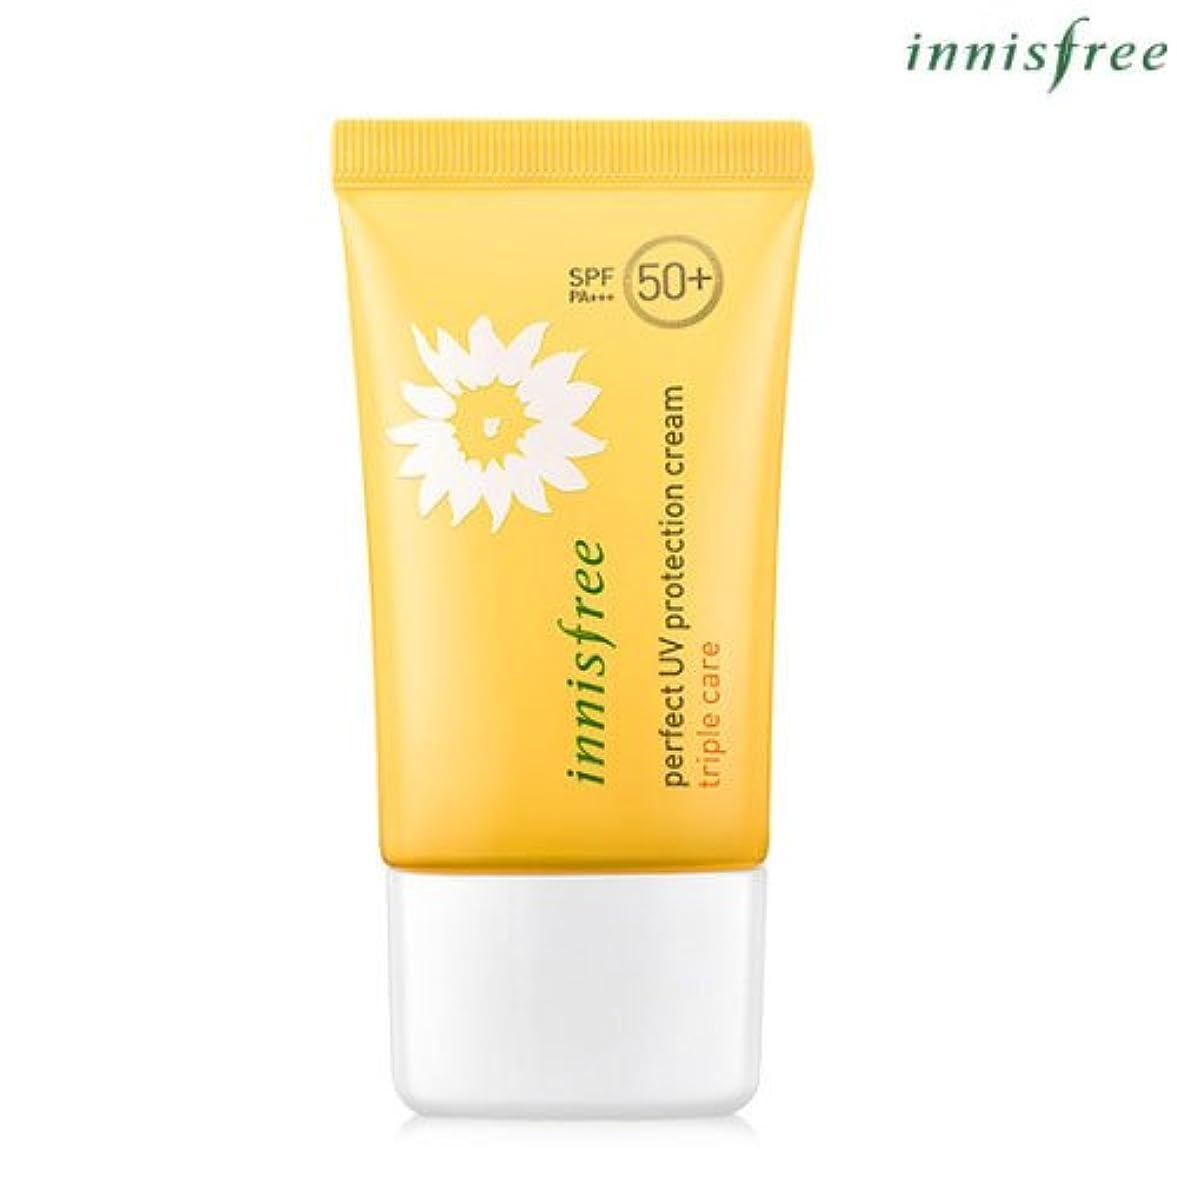 ビート腸クラス[INNISFREE]イニスフリーパーフェクトUV プロテクション クリームトリプルケアSPF50+ PA+++ 50mL perfect UV protection cream triple care SPF50+ PA+++ 50mL [並行輸入品]